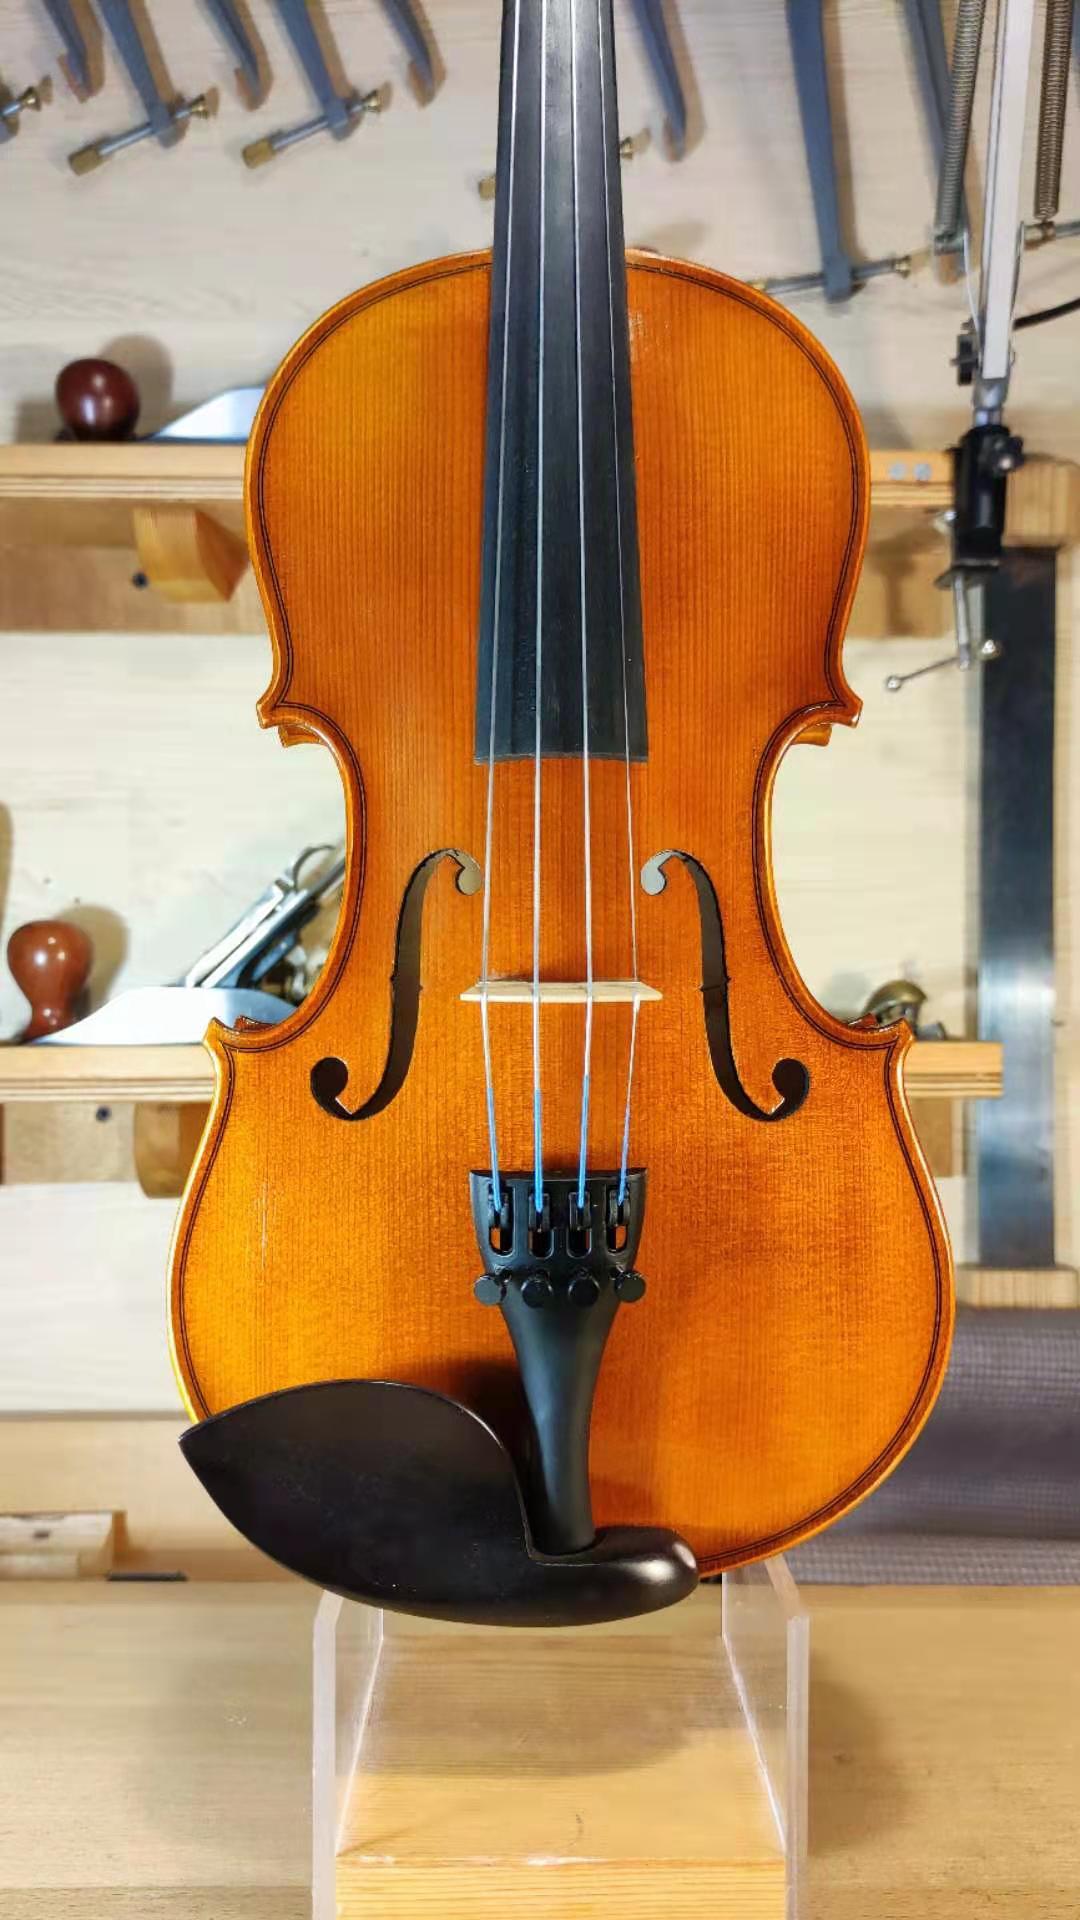 成都の鳴弦の仕事部屋の逸品の手製のバイオリンの学生の1/2児童は初めて公演を学んで来て音を試みます。